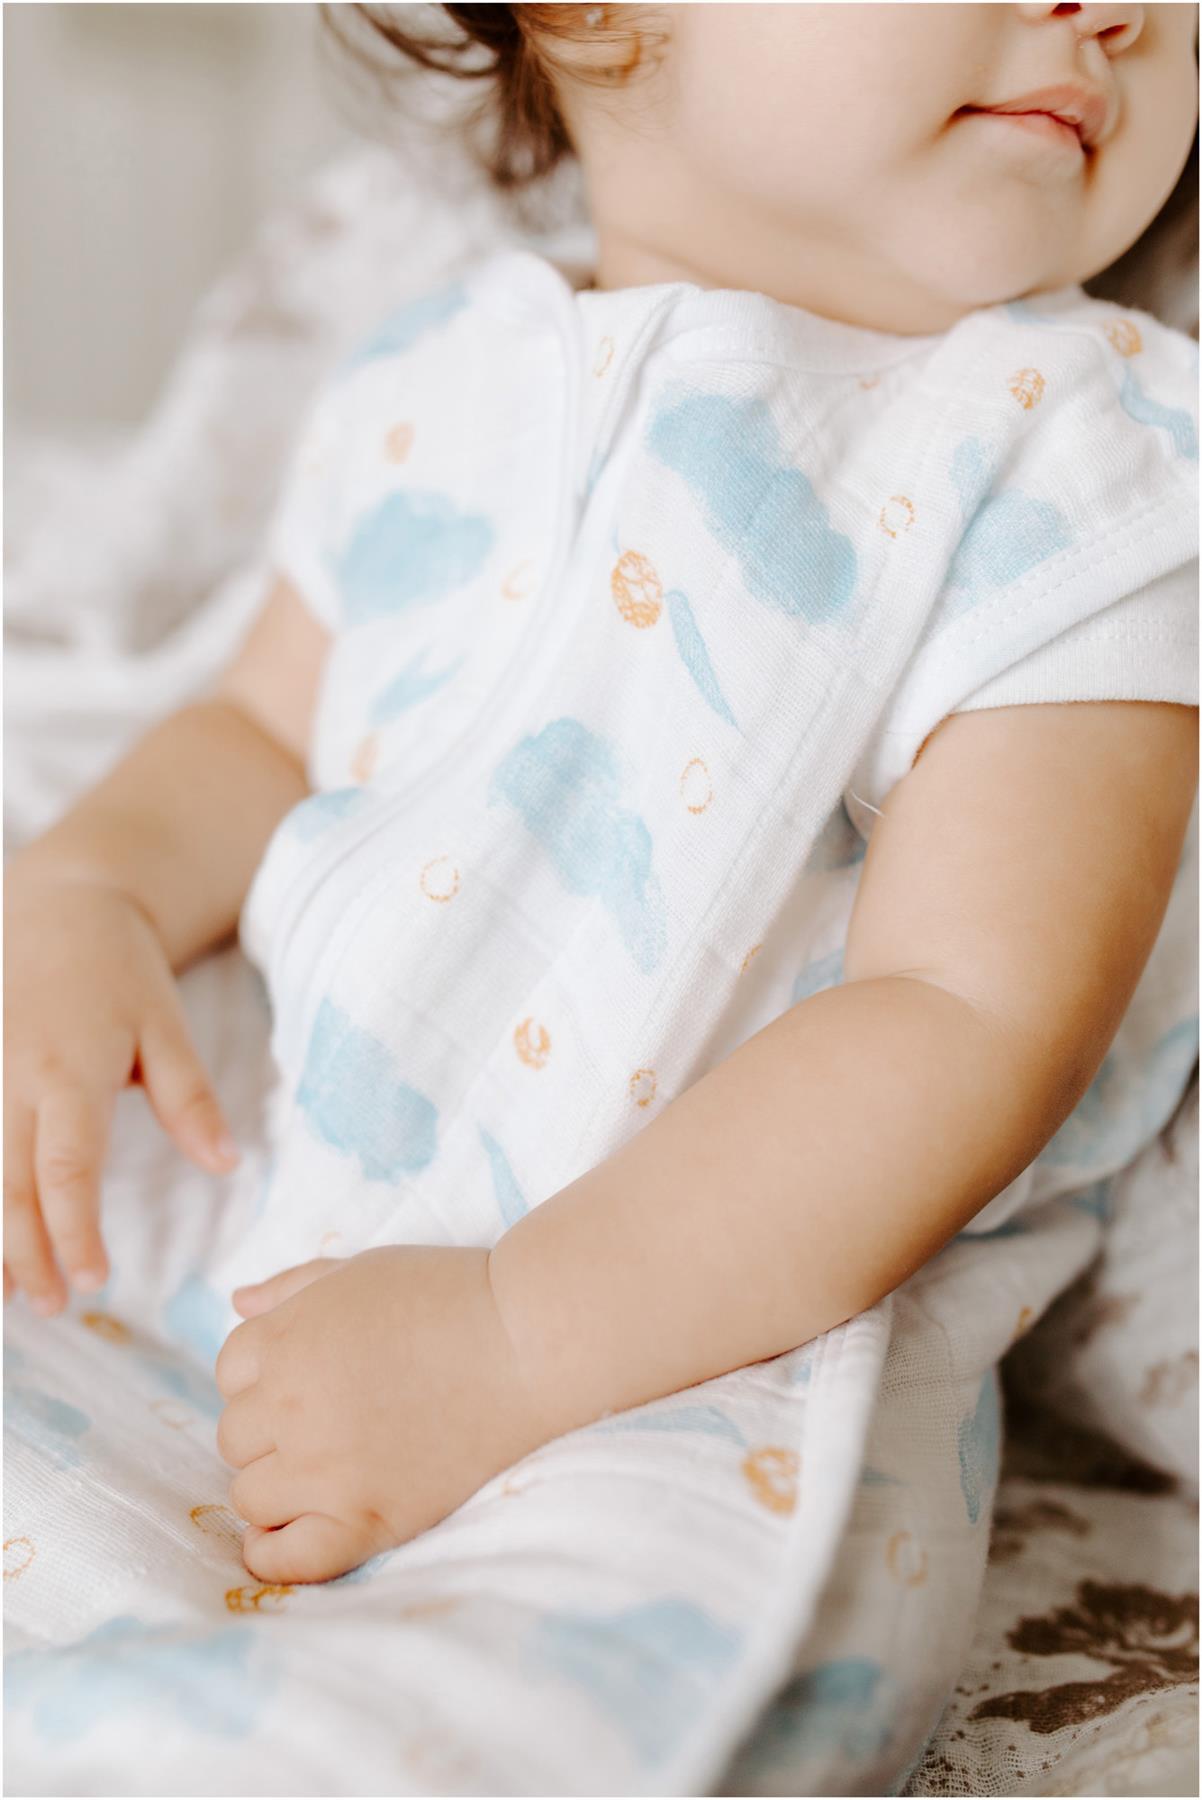 6-18M Baby Bedding BNIP GONE FISHING Anais SLEEPING BAG 1.0 TOG Aden